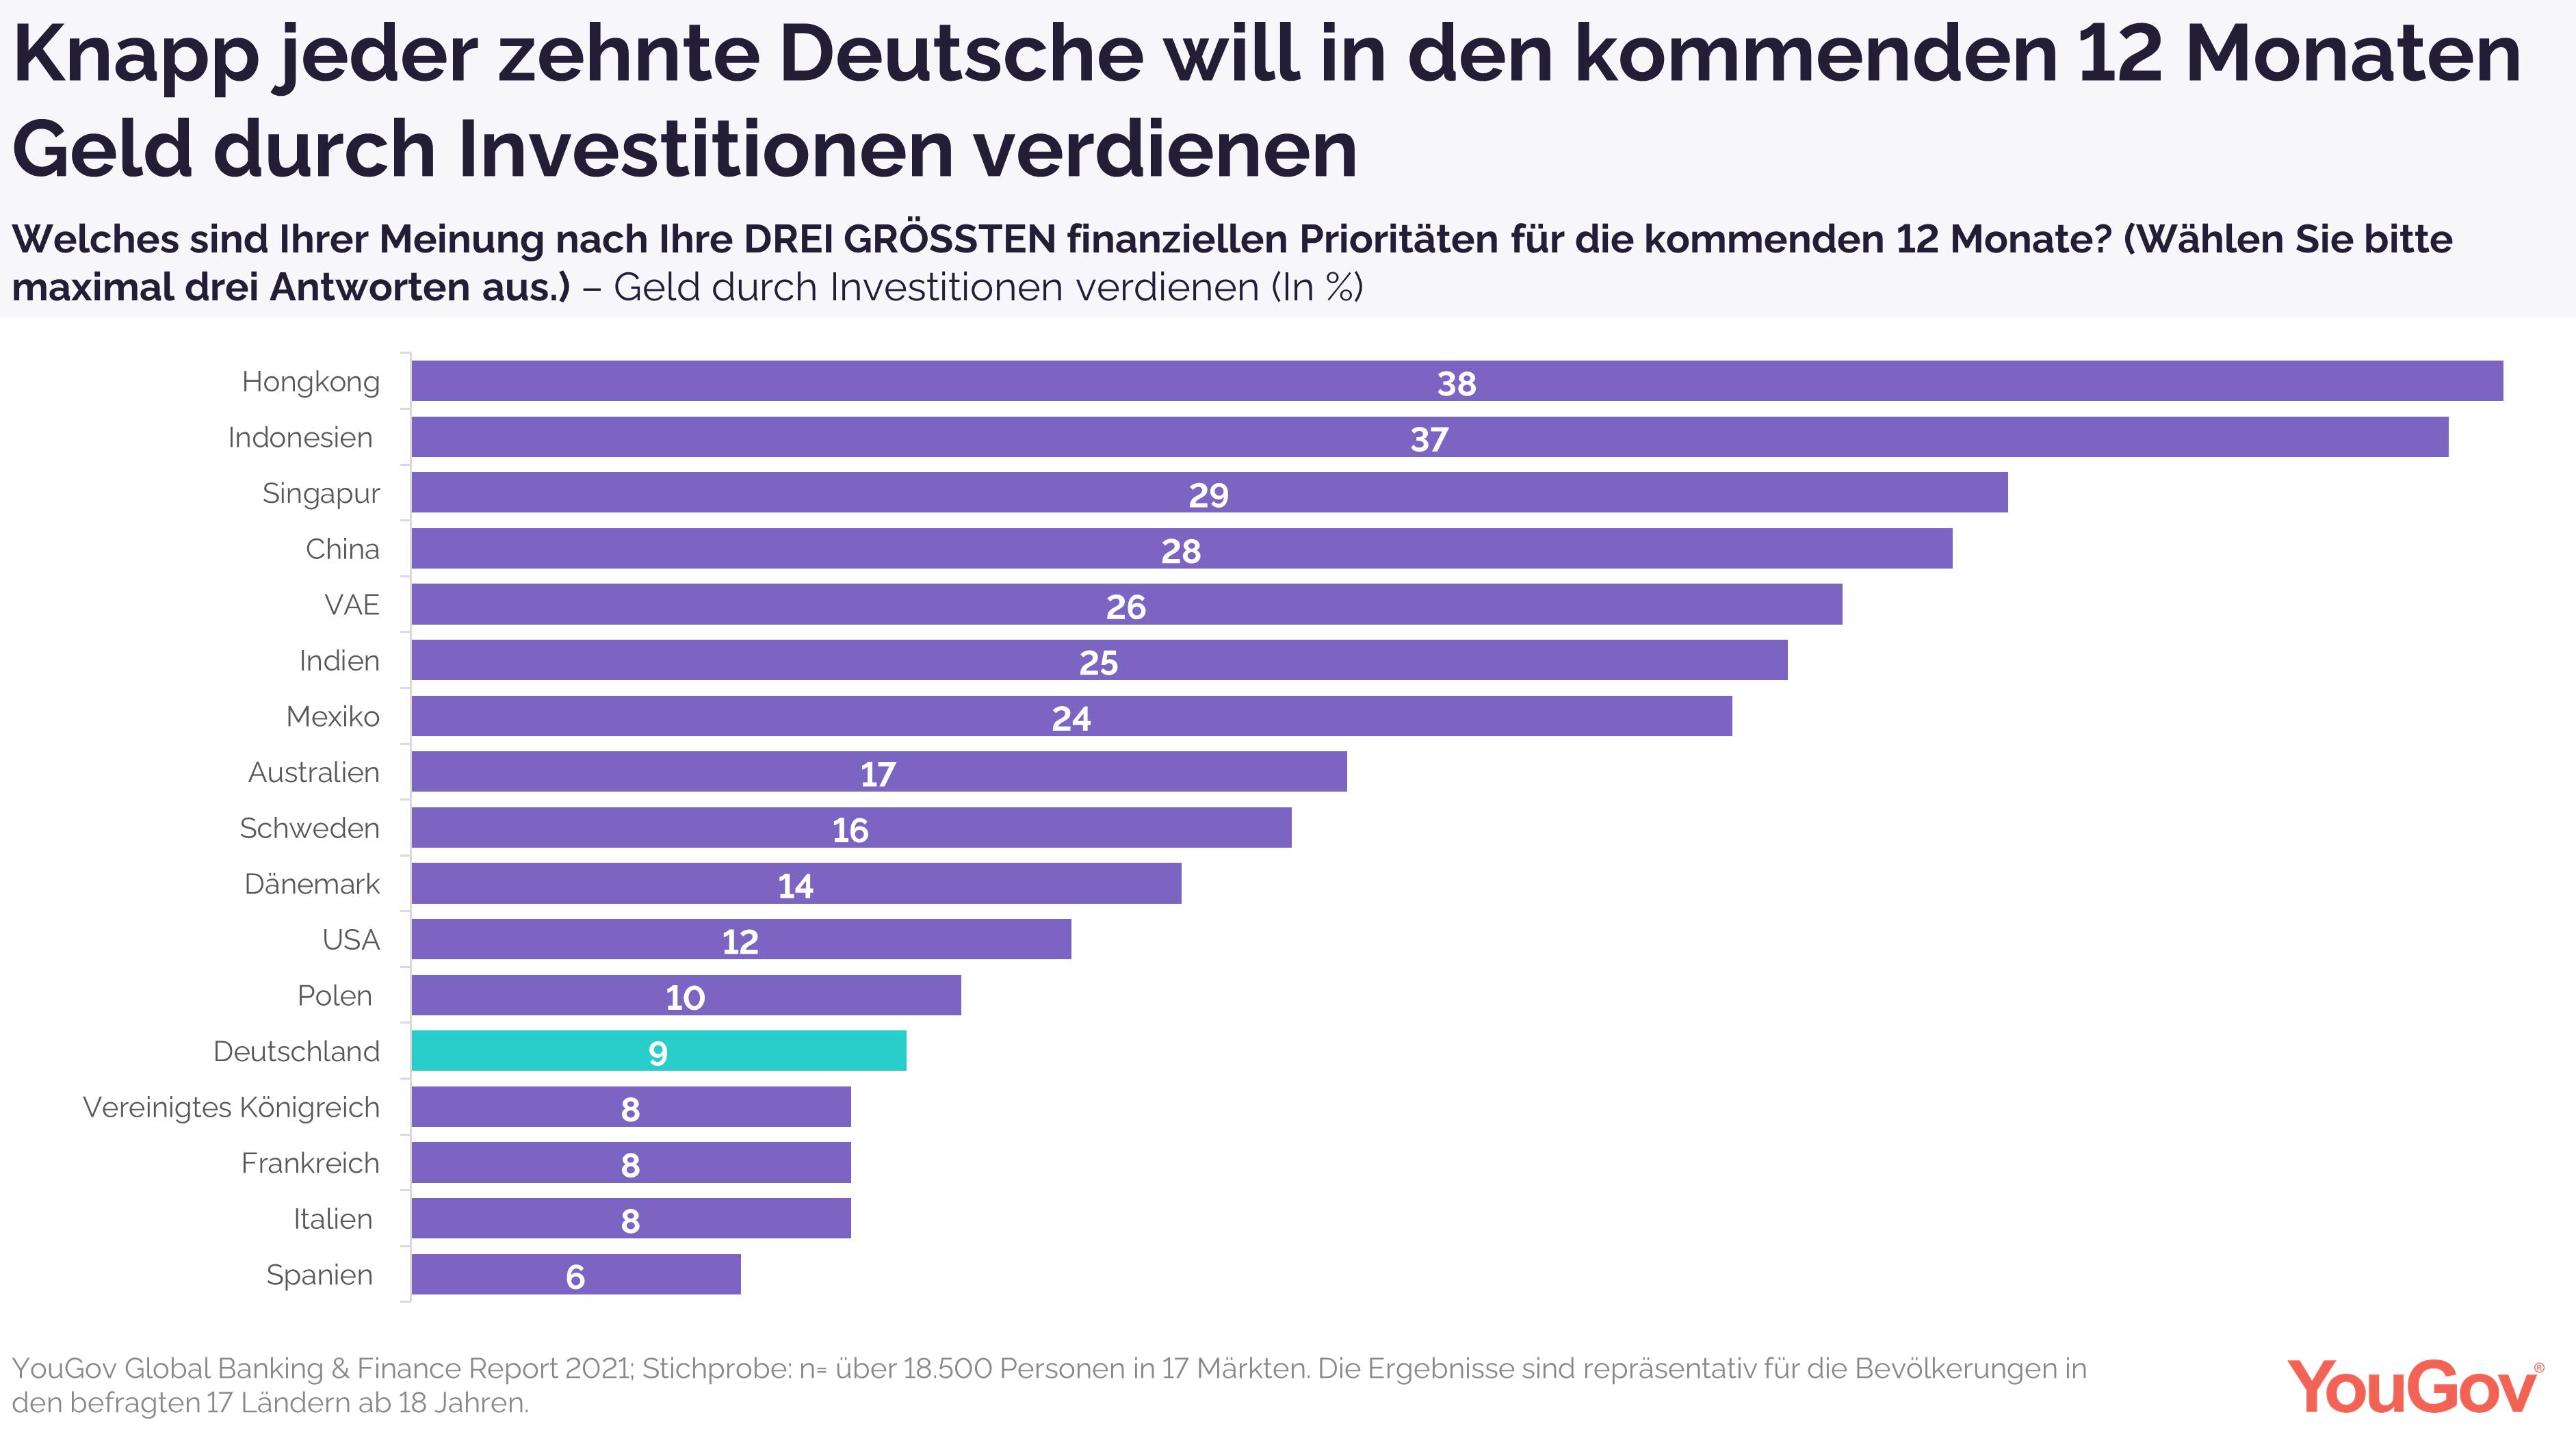 Knapp jeder zehnte Deutsche will Geld durch Investitionen verdienen.